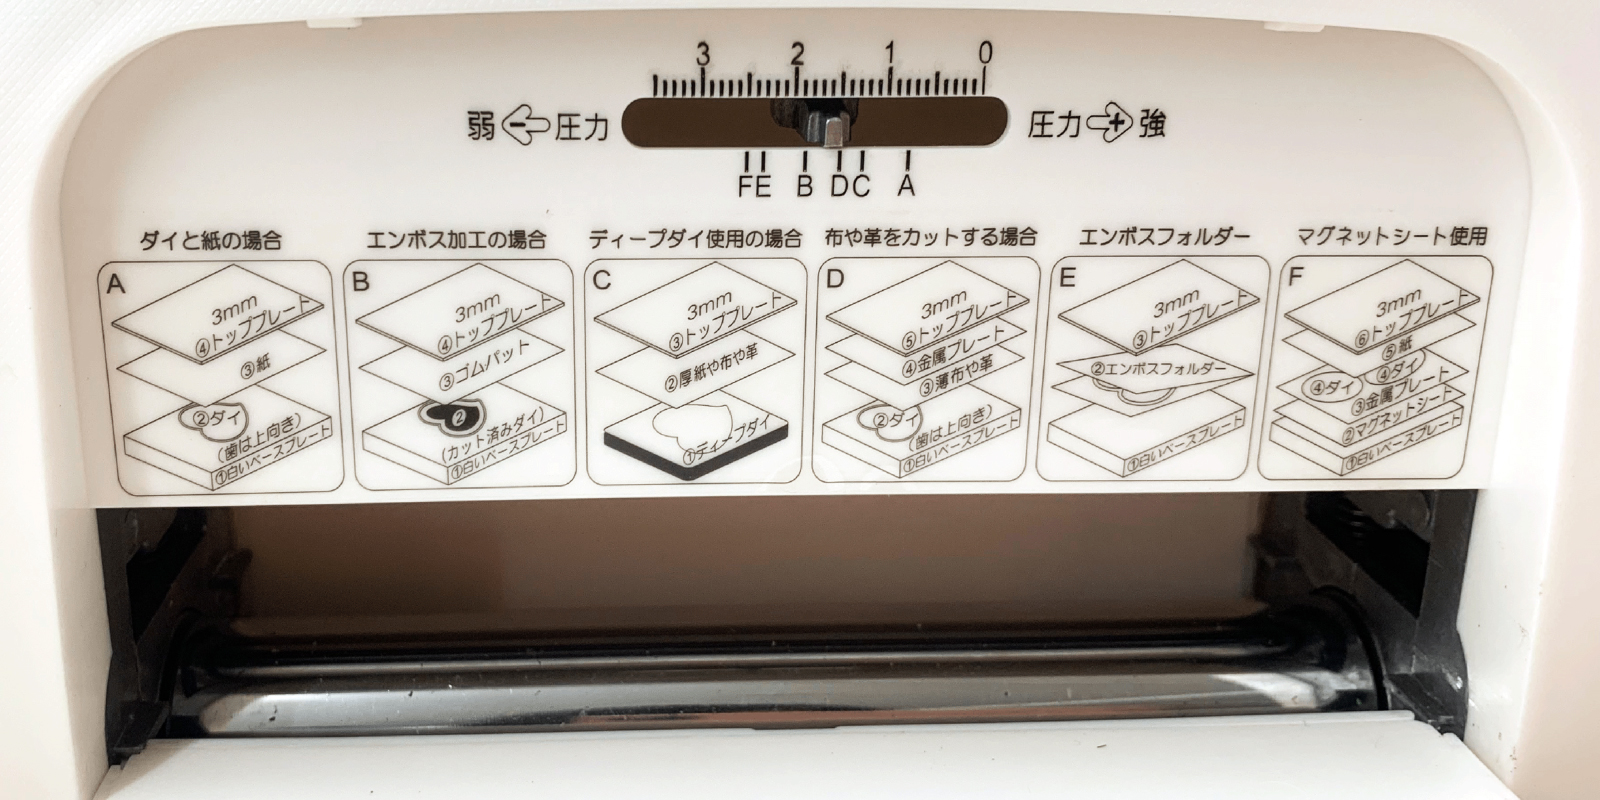 【W004】/ワンダーハウス/ダイヤル調整機能付き ダイカットマシン/Melody メロディ【リニュアルしました!】